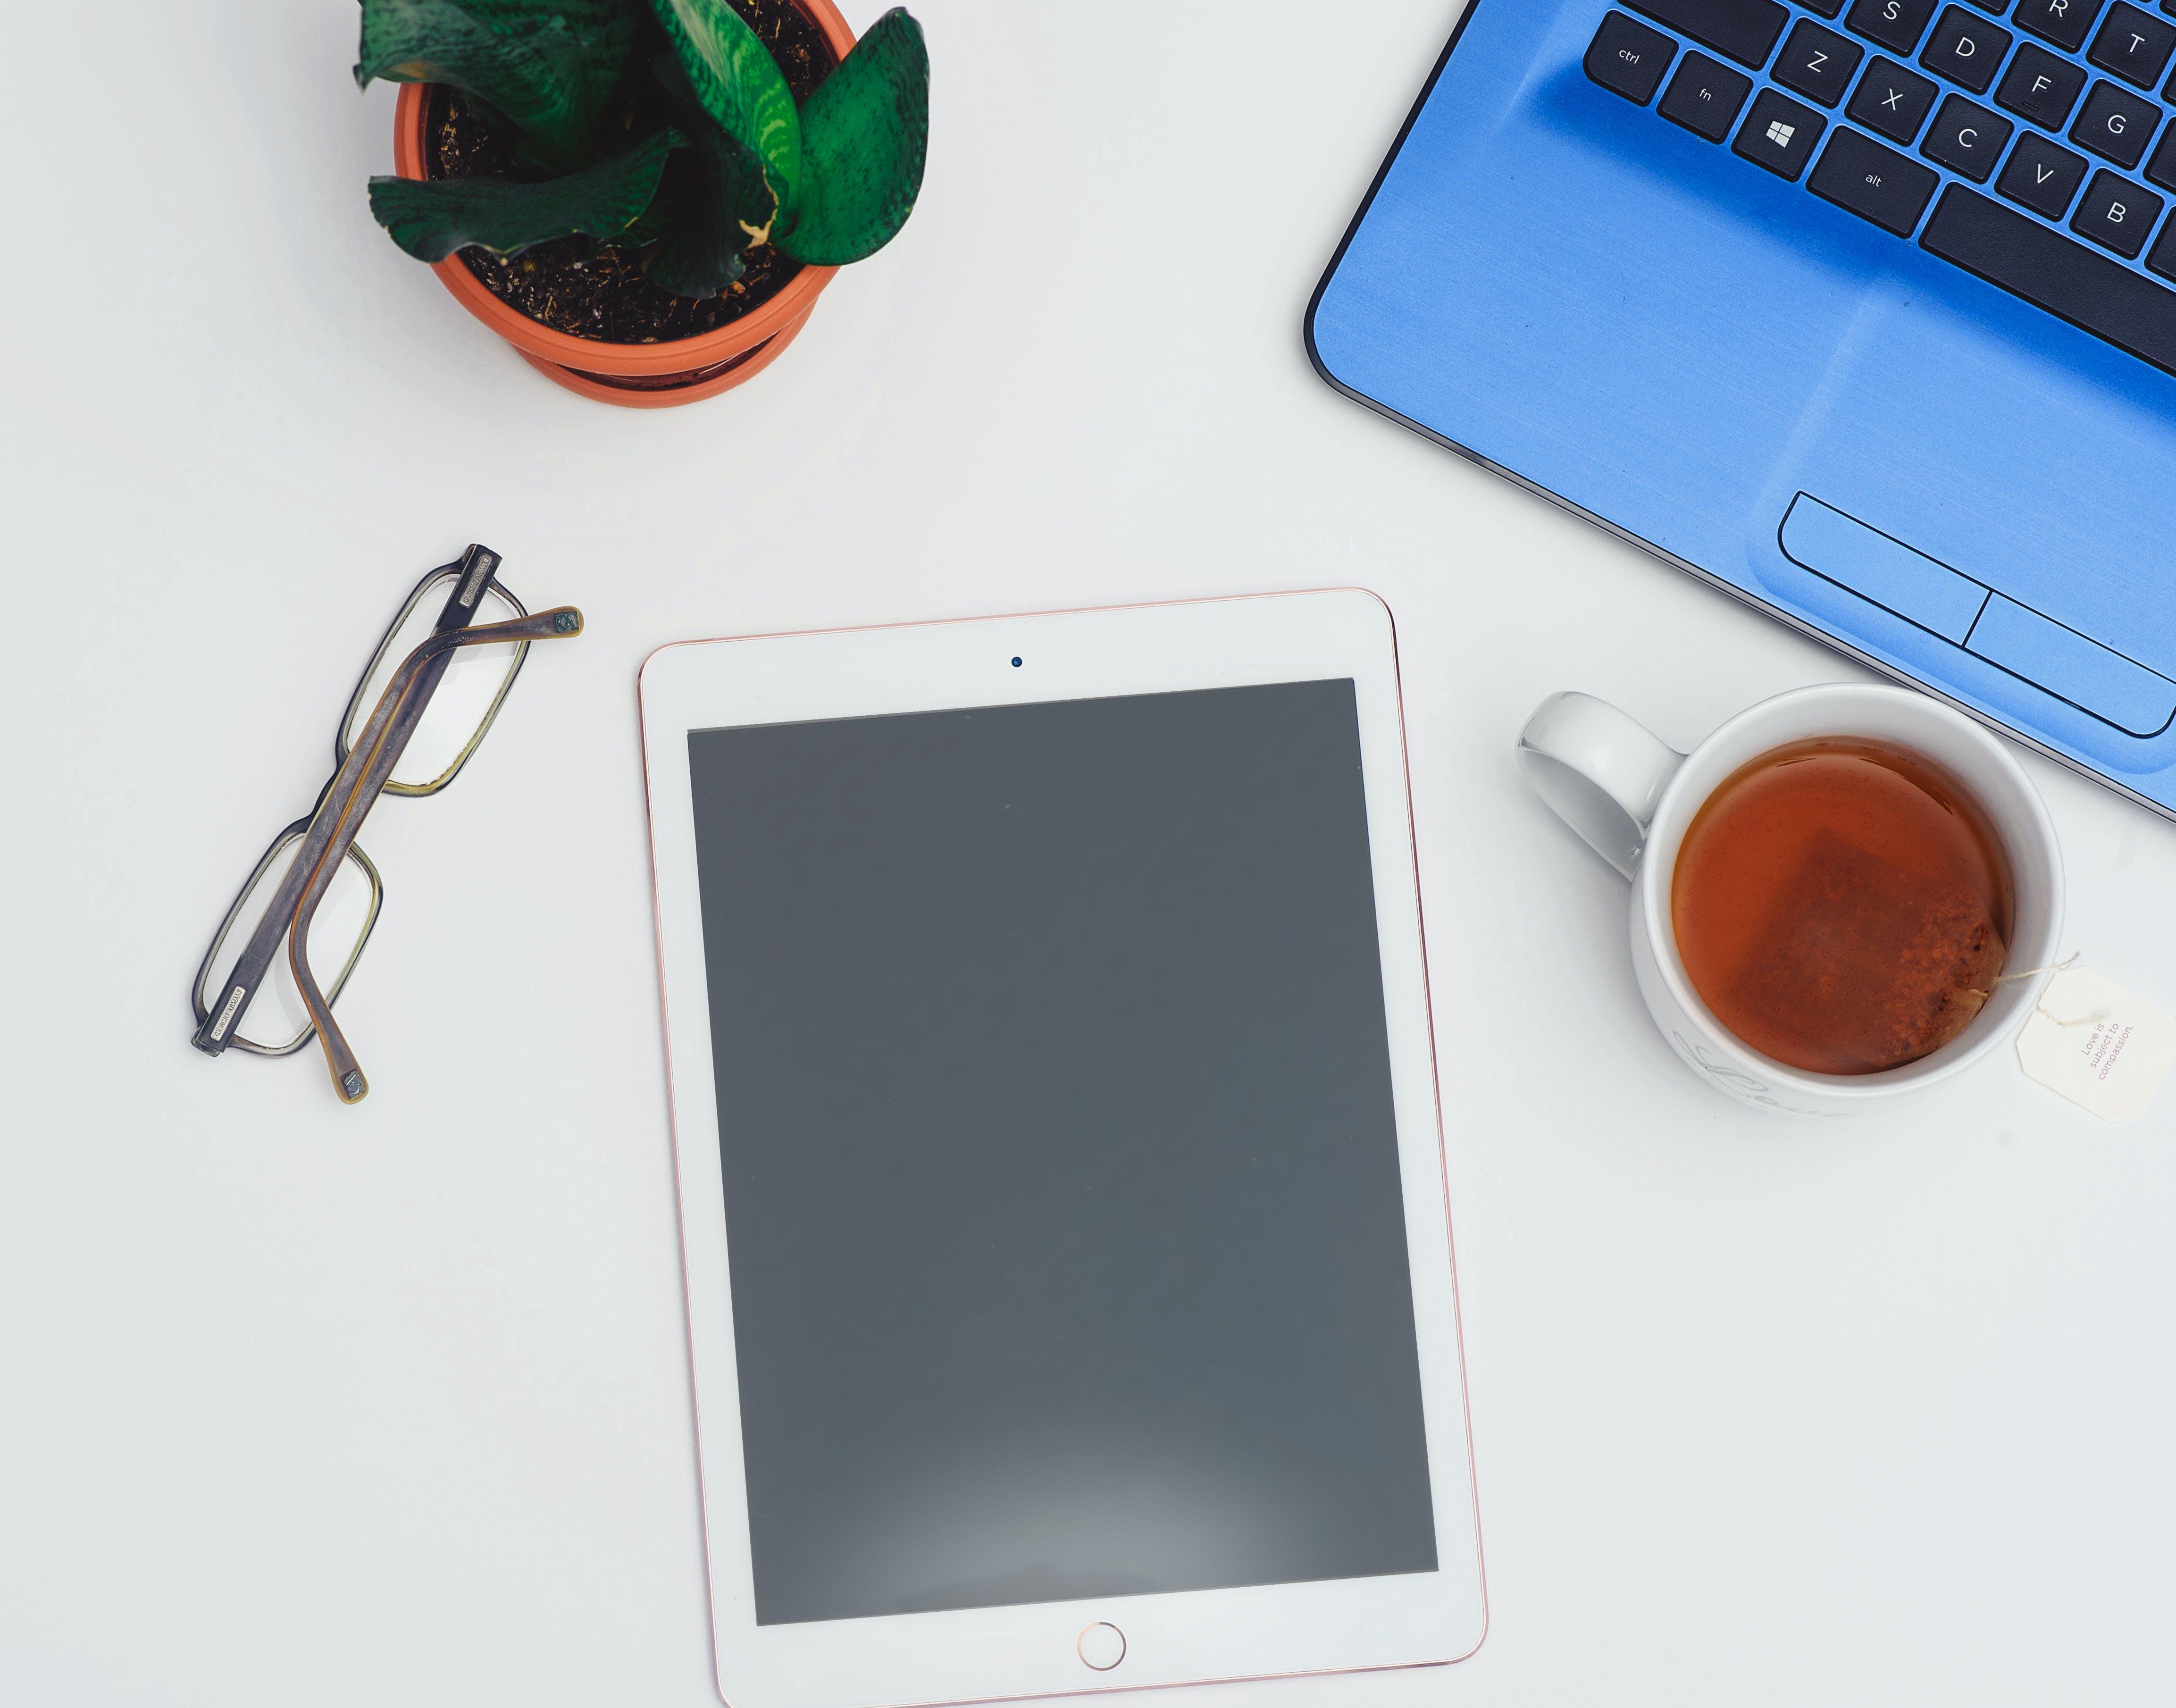 Immagine gratuita di computer, dispositivo, elettronica, flat lay